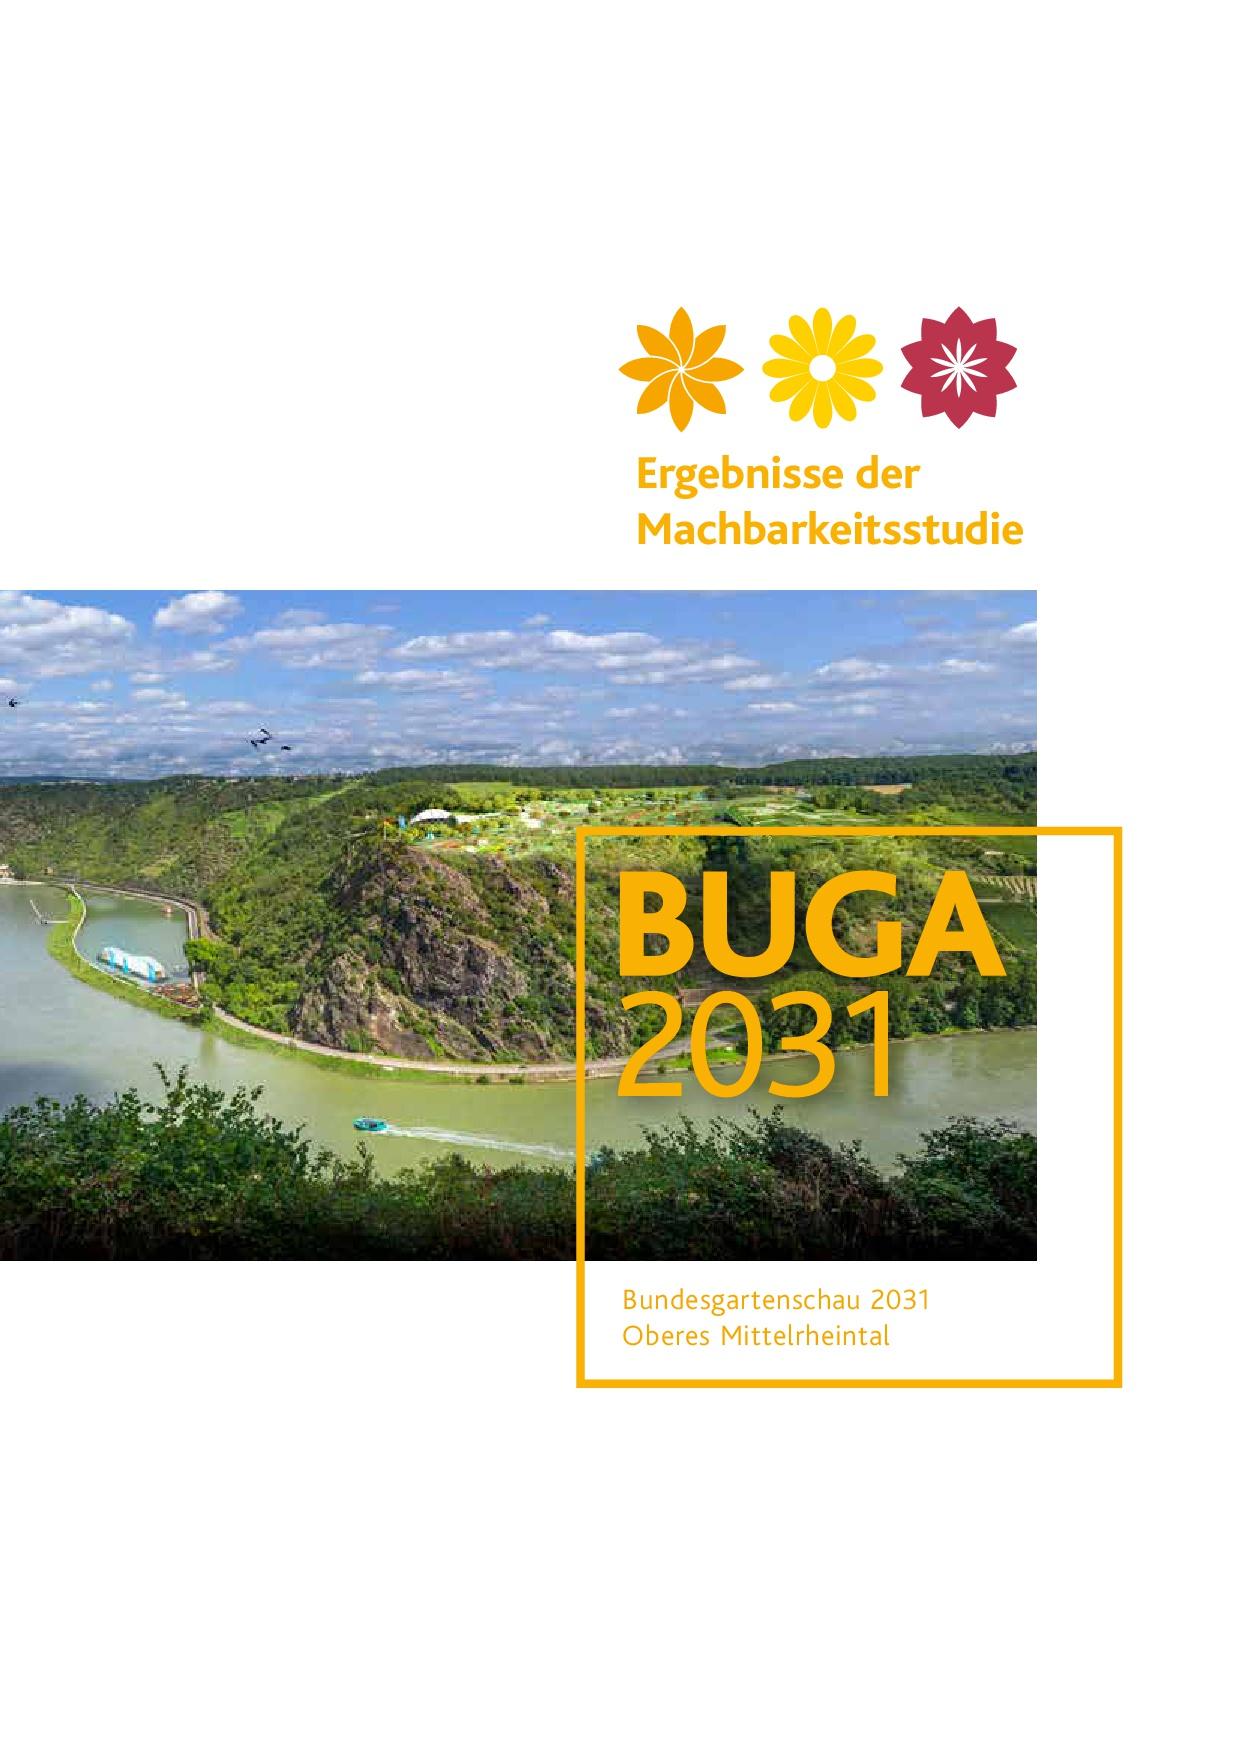 Ergebnisse BUGA 2031 Machbarkeitsstudie-001